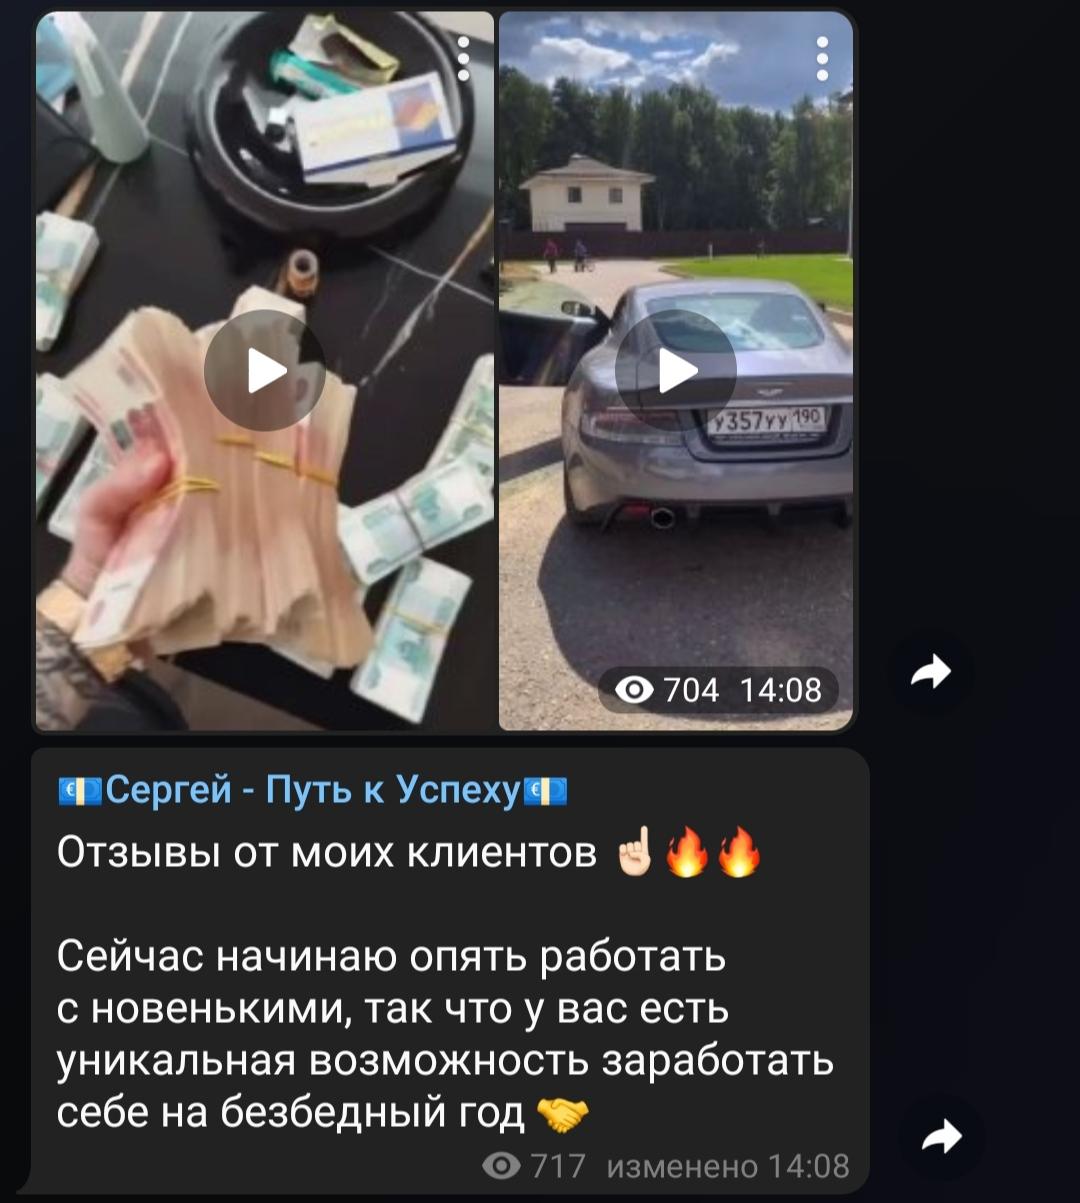 Отзывы на канале Телеграм Сергей – Путь к успеху (Ex. Сергей Добрый)